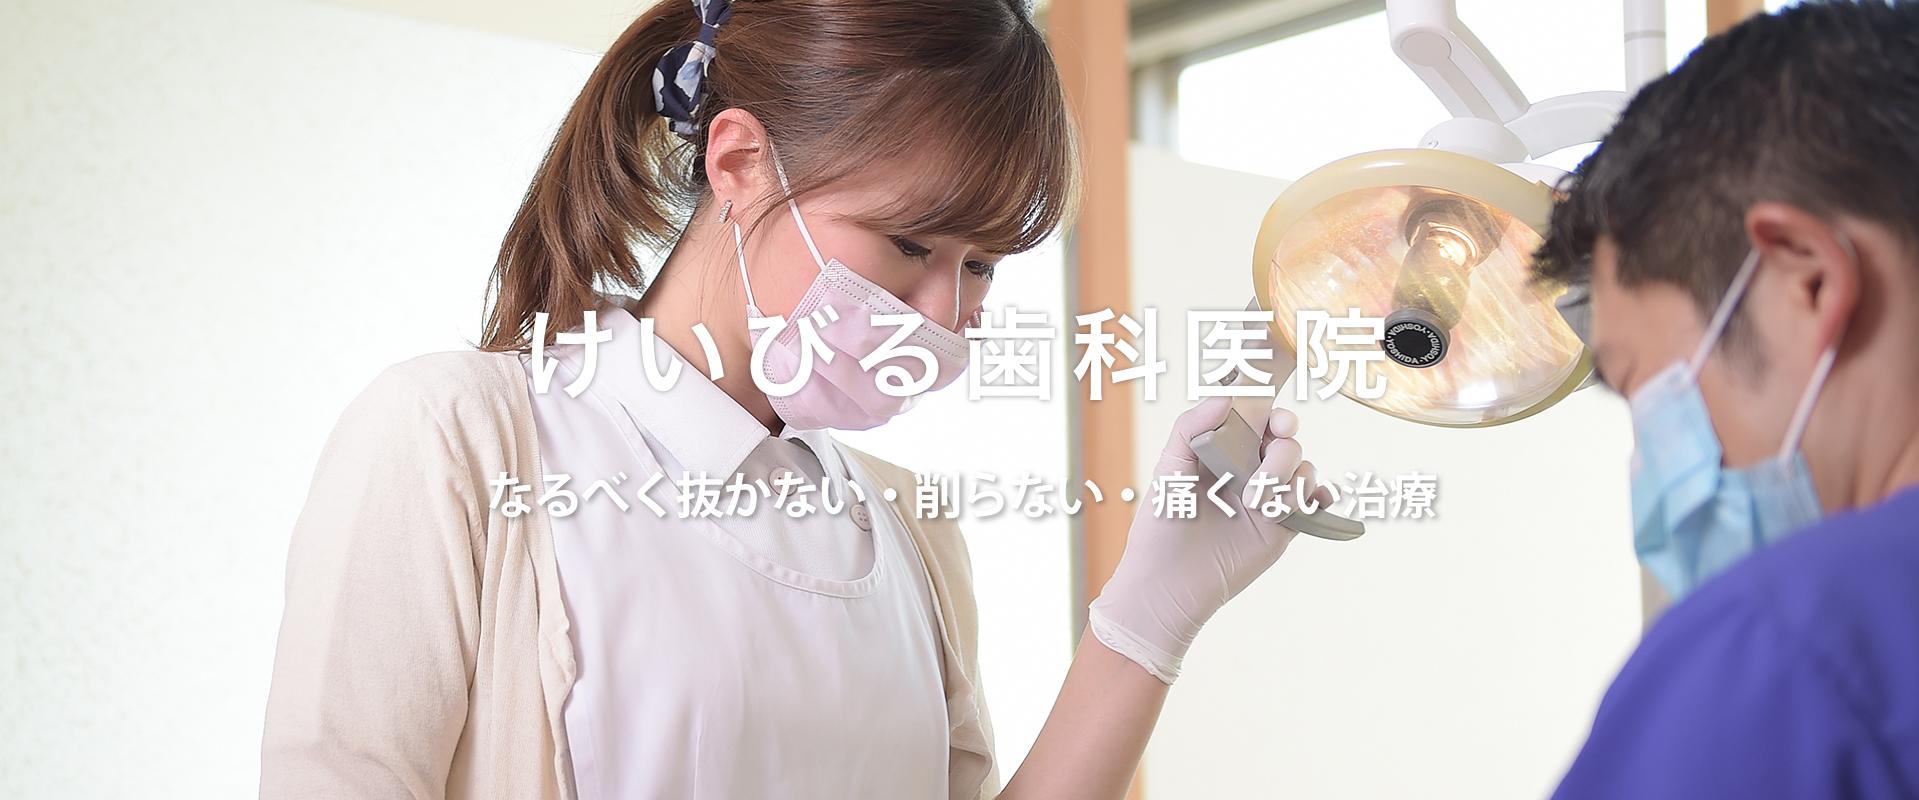 けいびる歯科医院治療風景